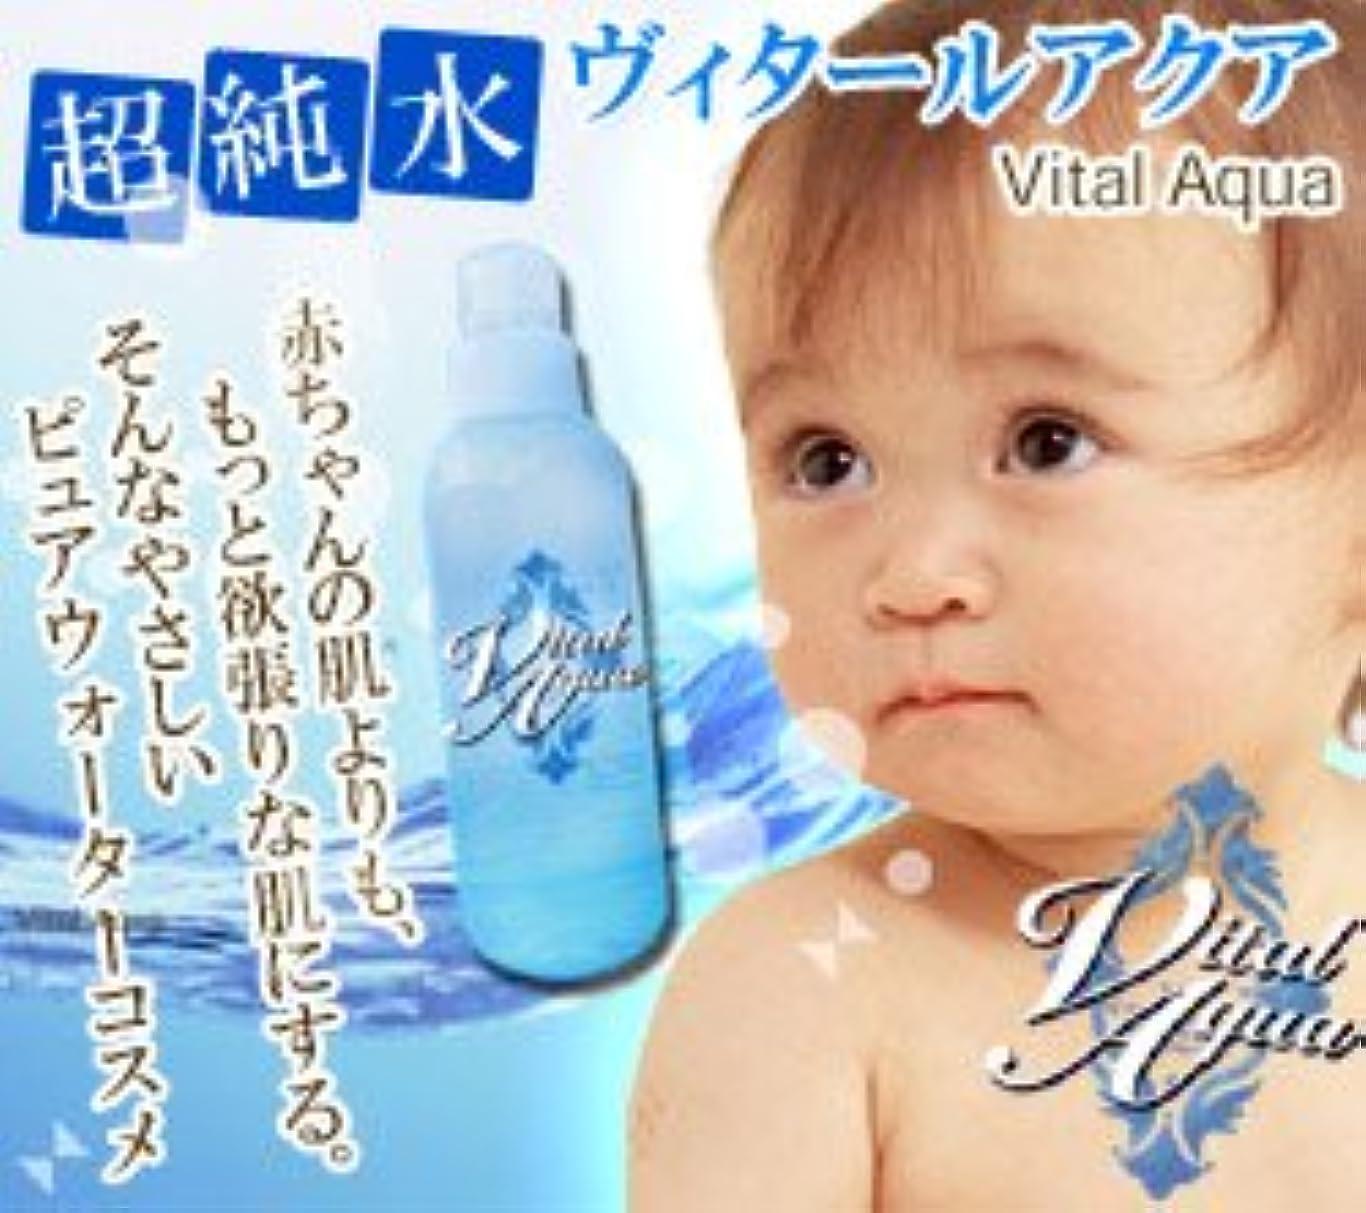 ガム理解調和のとれた超純水化粧水 ヴィタールアクア200ml